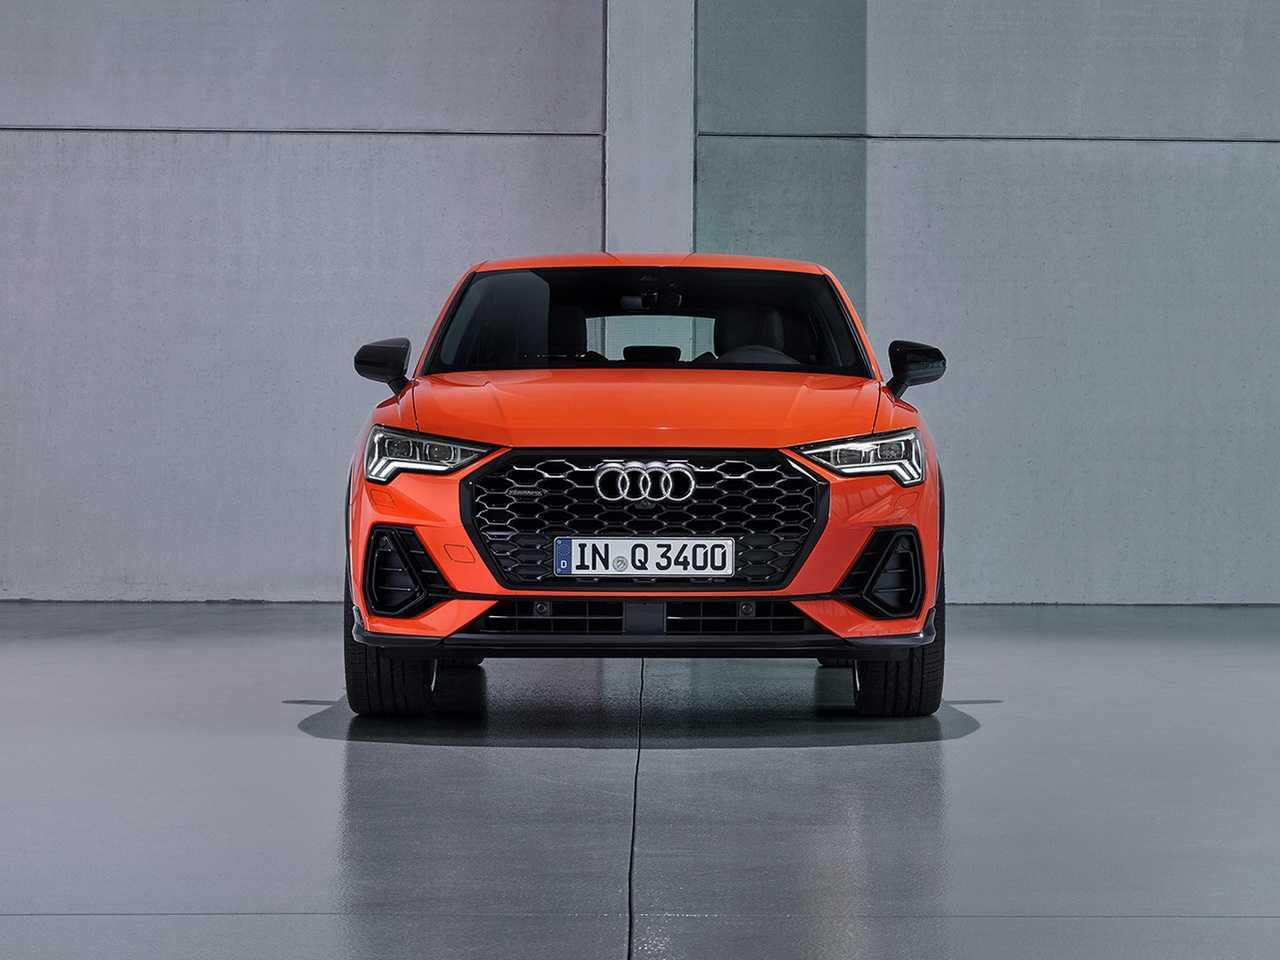 Audi rs q3 и audi rs q3 sportback 2020 – спорт-версии нового ауди q3